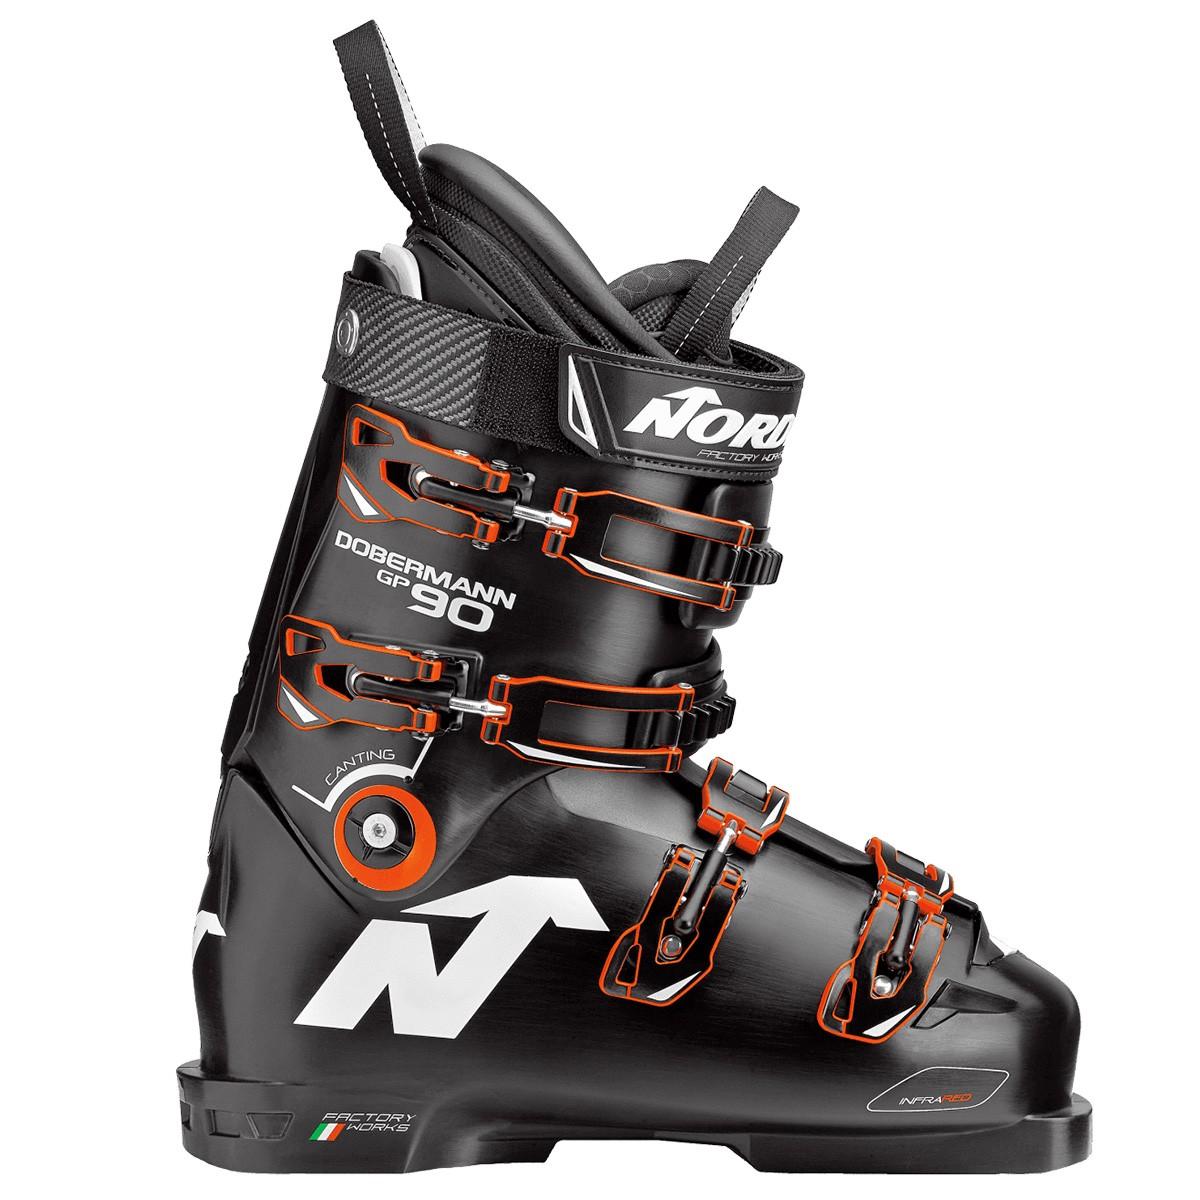 Scarponi sci Nordica Dobermann Gp 90 (Colore: nero-arancione, Taglia: 24)